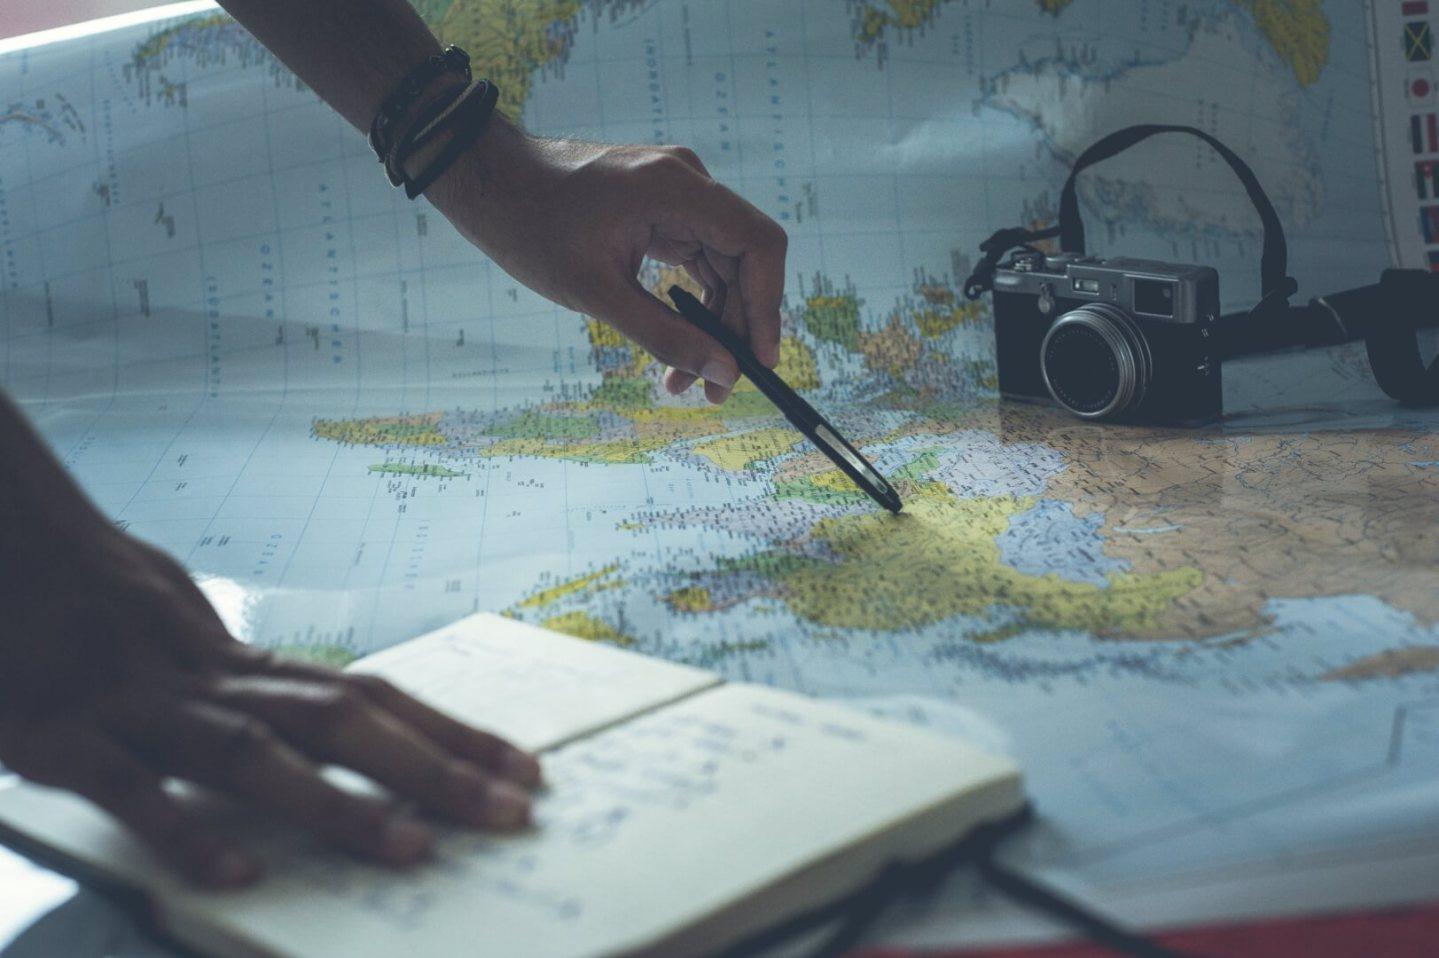 Feriados no segundo semestre: datas para curtir e viajar